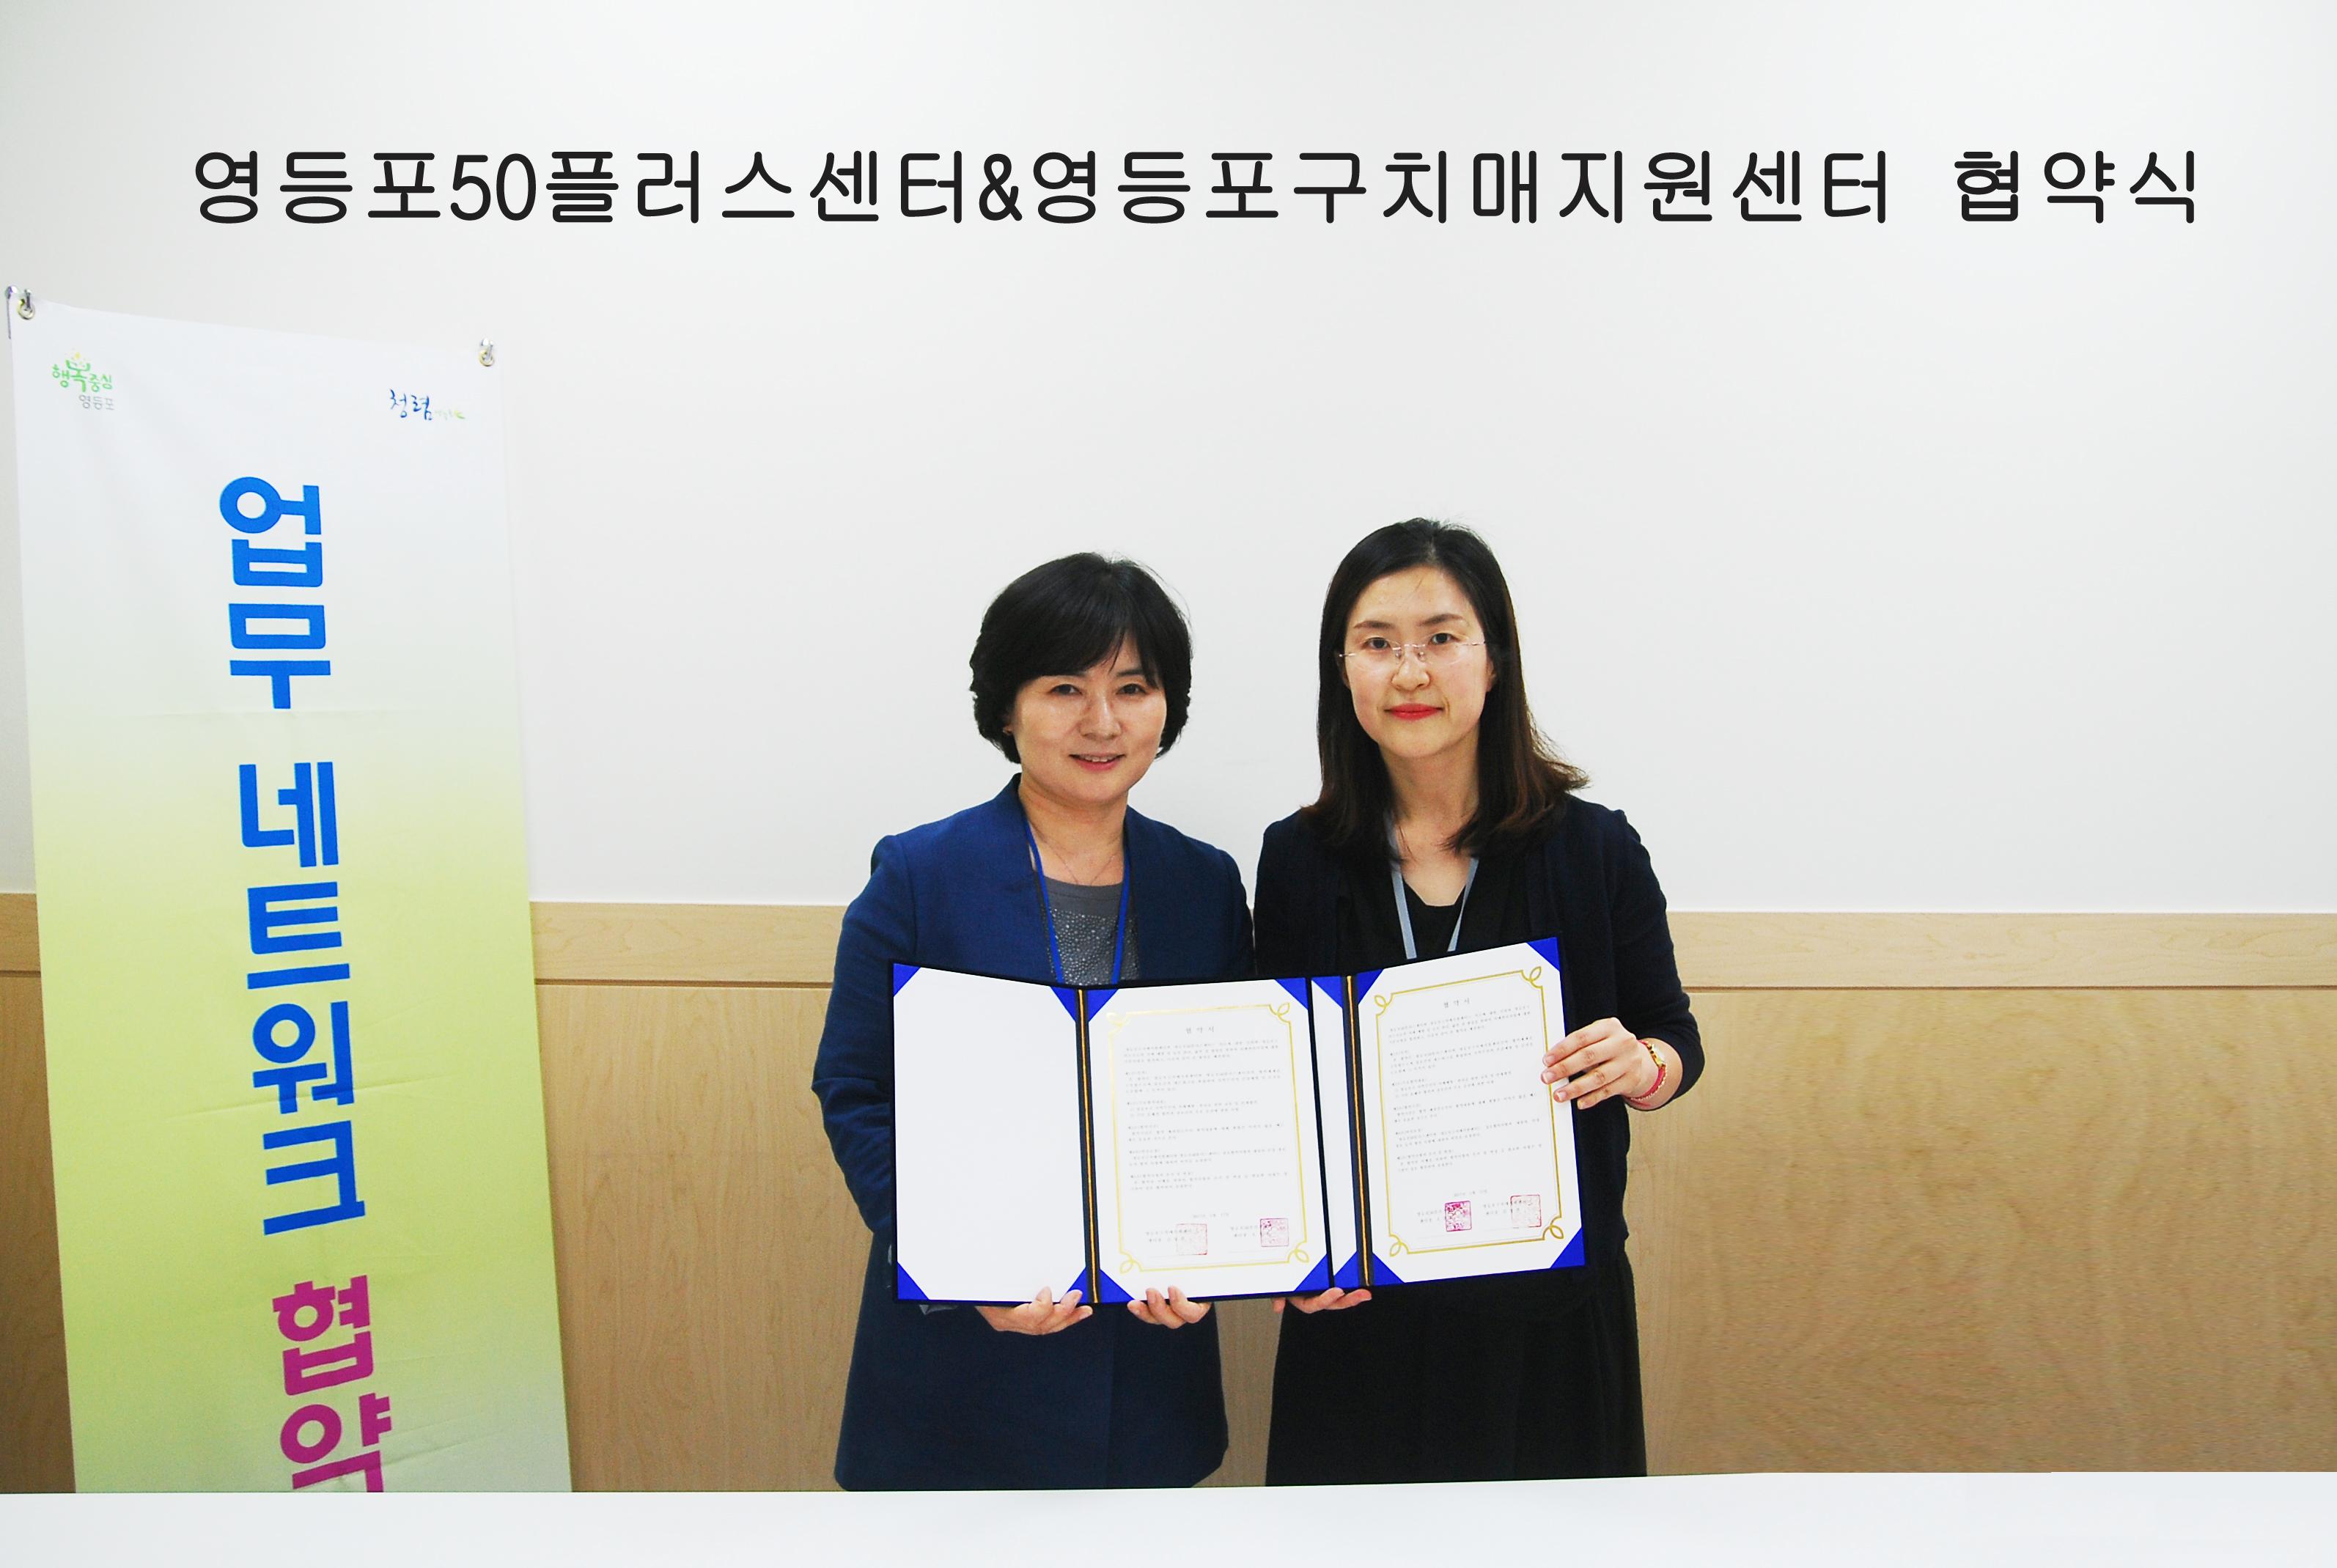 영등포구치매지원센터와의 업무협약(2017.05.17)